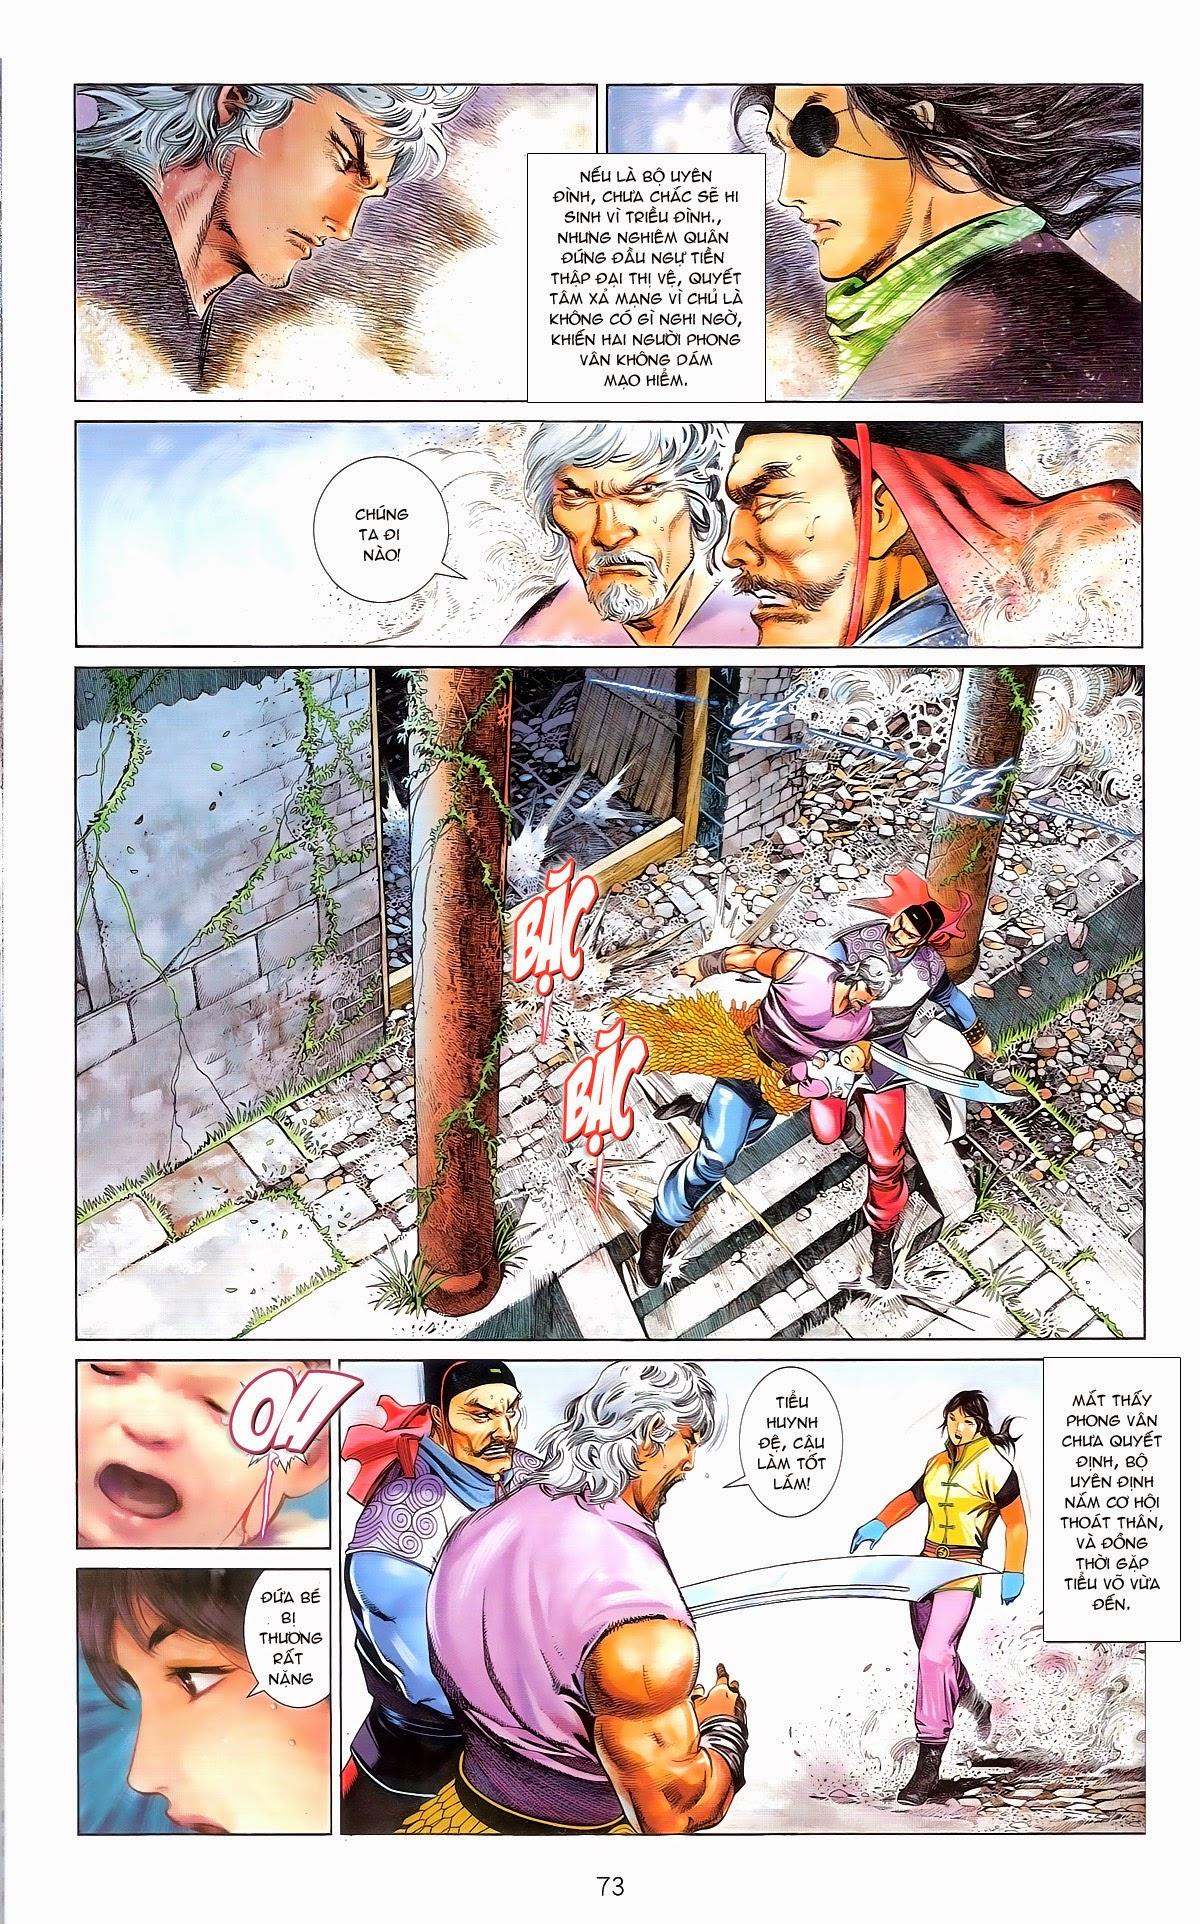 Phong Vân chap 674 – End Trang 75 - Mangak.info